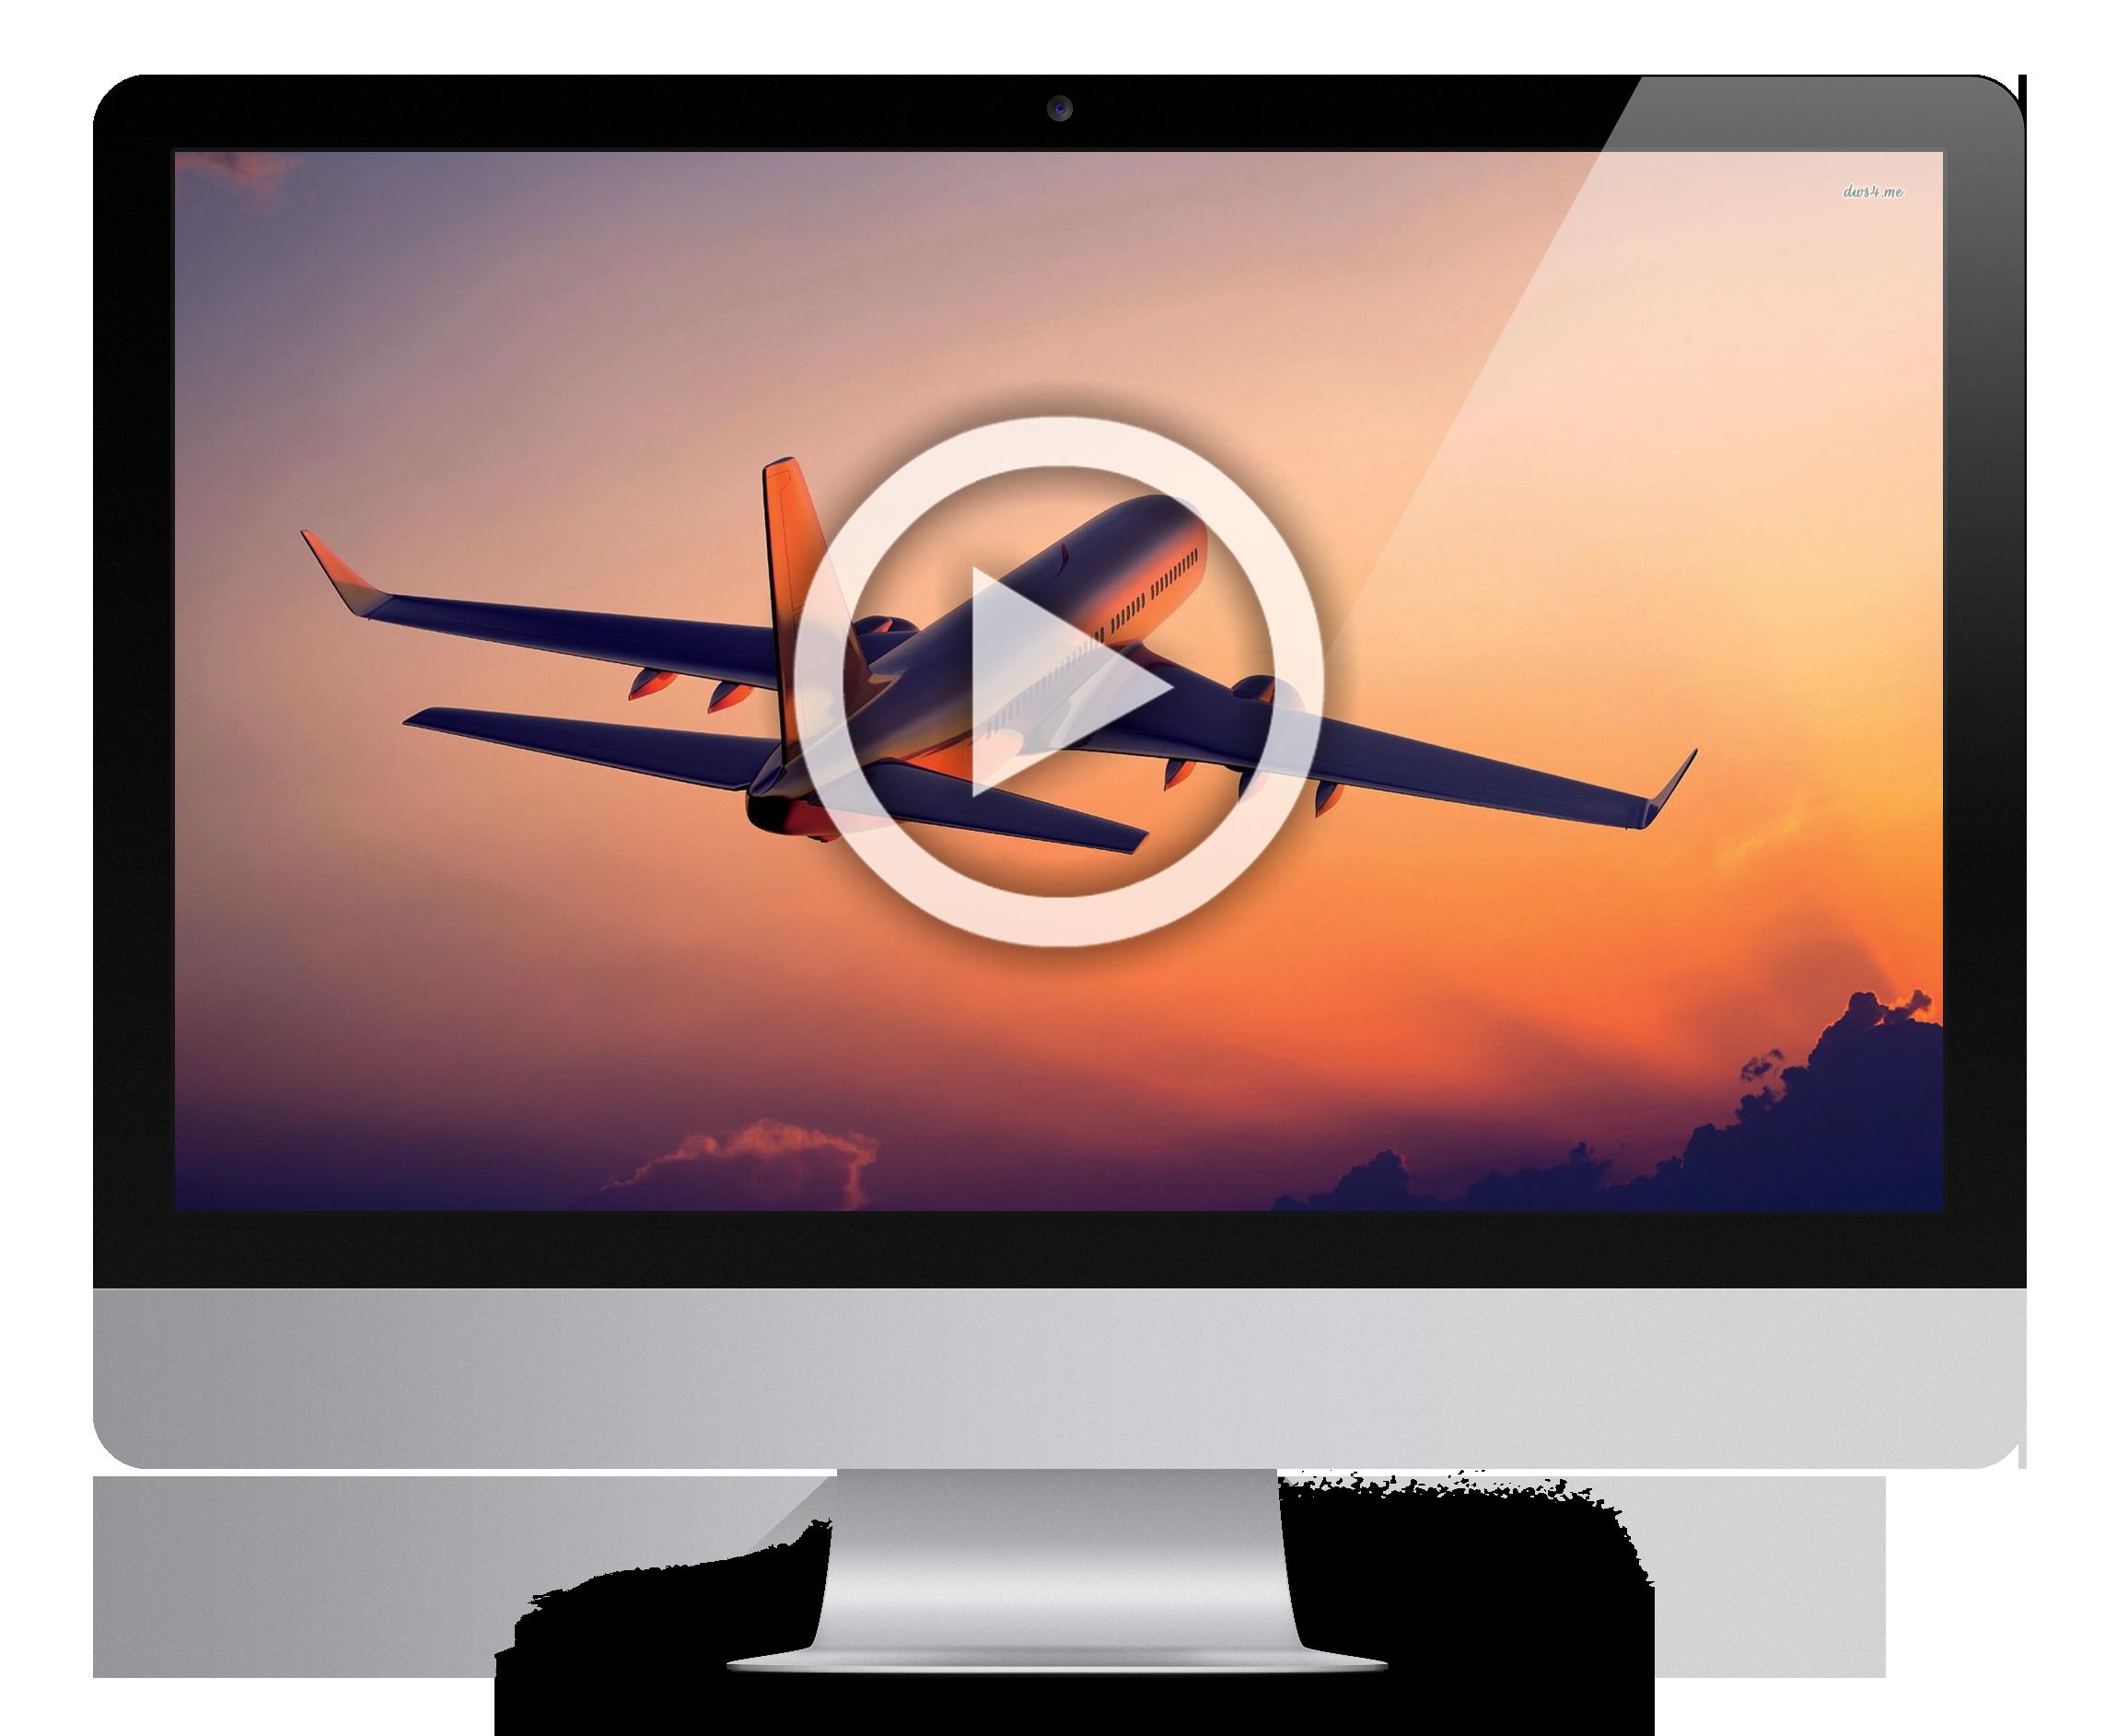 szkolenie-vod-tanie-latanie-1